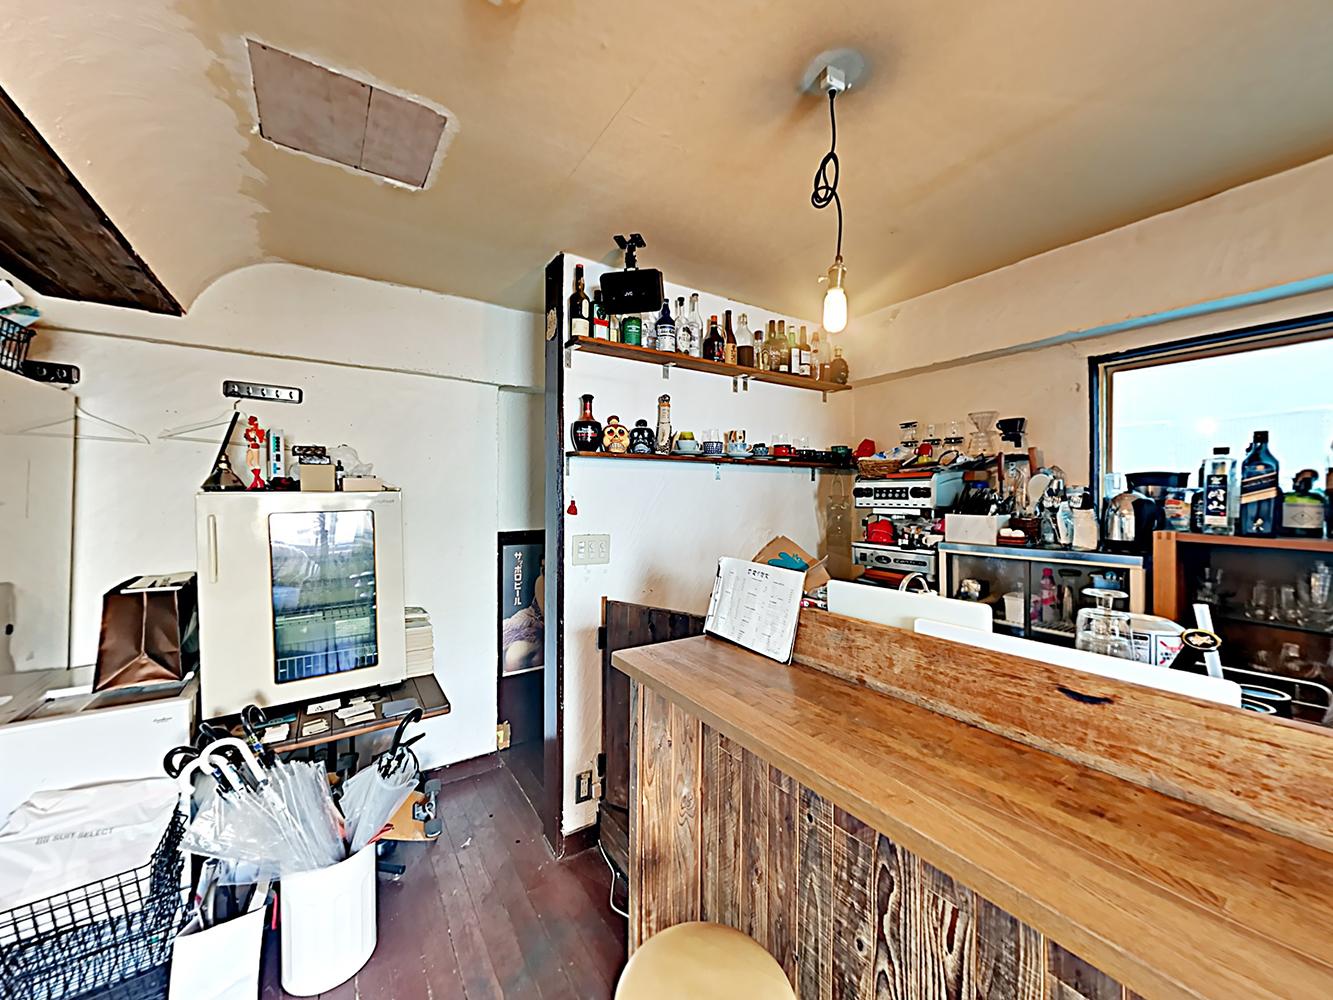 「大好きなチーズをたくさんの人に楽しんで欲しい!」 名古屋から上京!夢の開業を高円寺で。和食×日本酒×チーズのお店を7月上旬にOPEN。